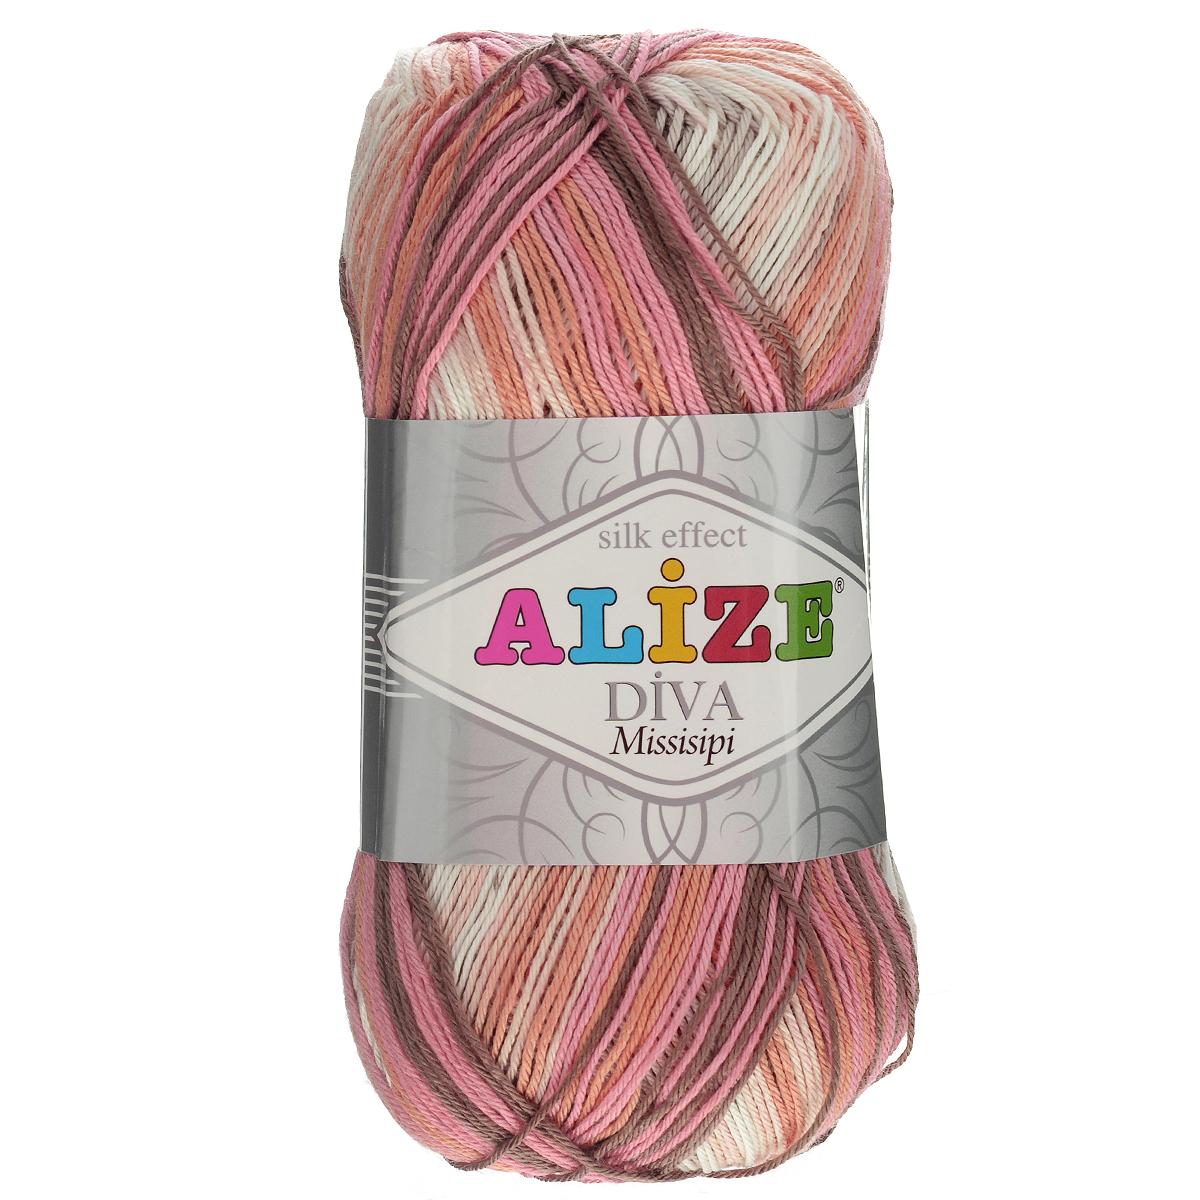 Пряжа для вязания Alize Diva. Missisipi, цвет: розовый, бежевый, коричневый (3732), 350 м, 100 г, 5 шт367020_3732Пряжа для вязания Alize Diva. Missisipi- это тщательно обработанная акриловая пряжа, которая приобретает вид мерсеризованной нити с эффектом шелка. Пряжа обладает отличными свойствами: мягкая, воздухопроницаемая, прочная. Пряжа из микрофибры считается материалом нового поколения. Легкая шелковистая пряжа удлиненной секции окрашивания для весенних или летних вещей. Приятная на ощупь, гигроскопичная она подойдет для сарафанов, туник, платьев, легких костюмов, кофт, шалей и накидок. Пряжа не скатывается, не вызывает аллергию, не линяет и не оставляет ворсинок на другой одежде. Рекомендации по уходу: деликатная ручная стирка при 30°С, не отжимать в стиральной машине, не отбеливать хлорсодержащими веществами. Глажение на минимальной температуре. Сушите на горизонтальной поверхности: предварительно придав изделию естественную форму. Рекомендованный размер спиц: №2,5-3,5. Рекомендованный размер крючка: №1-3.